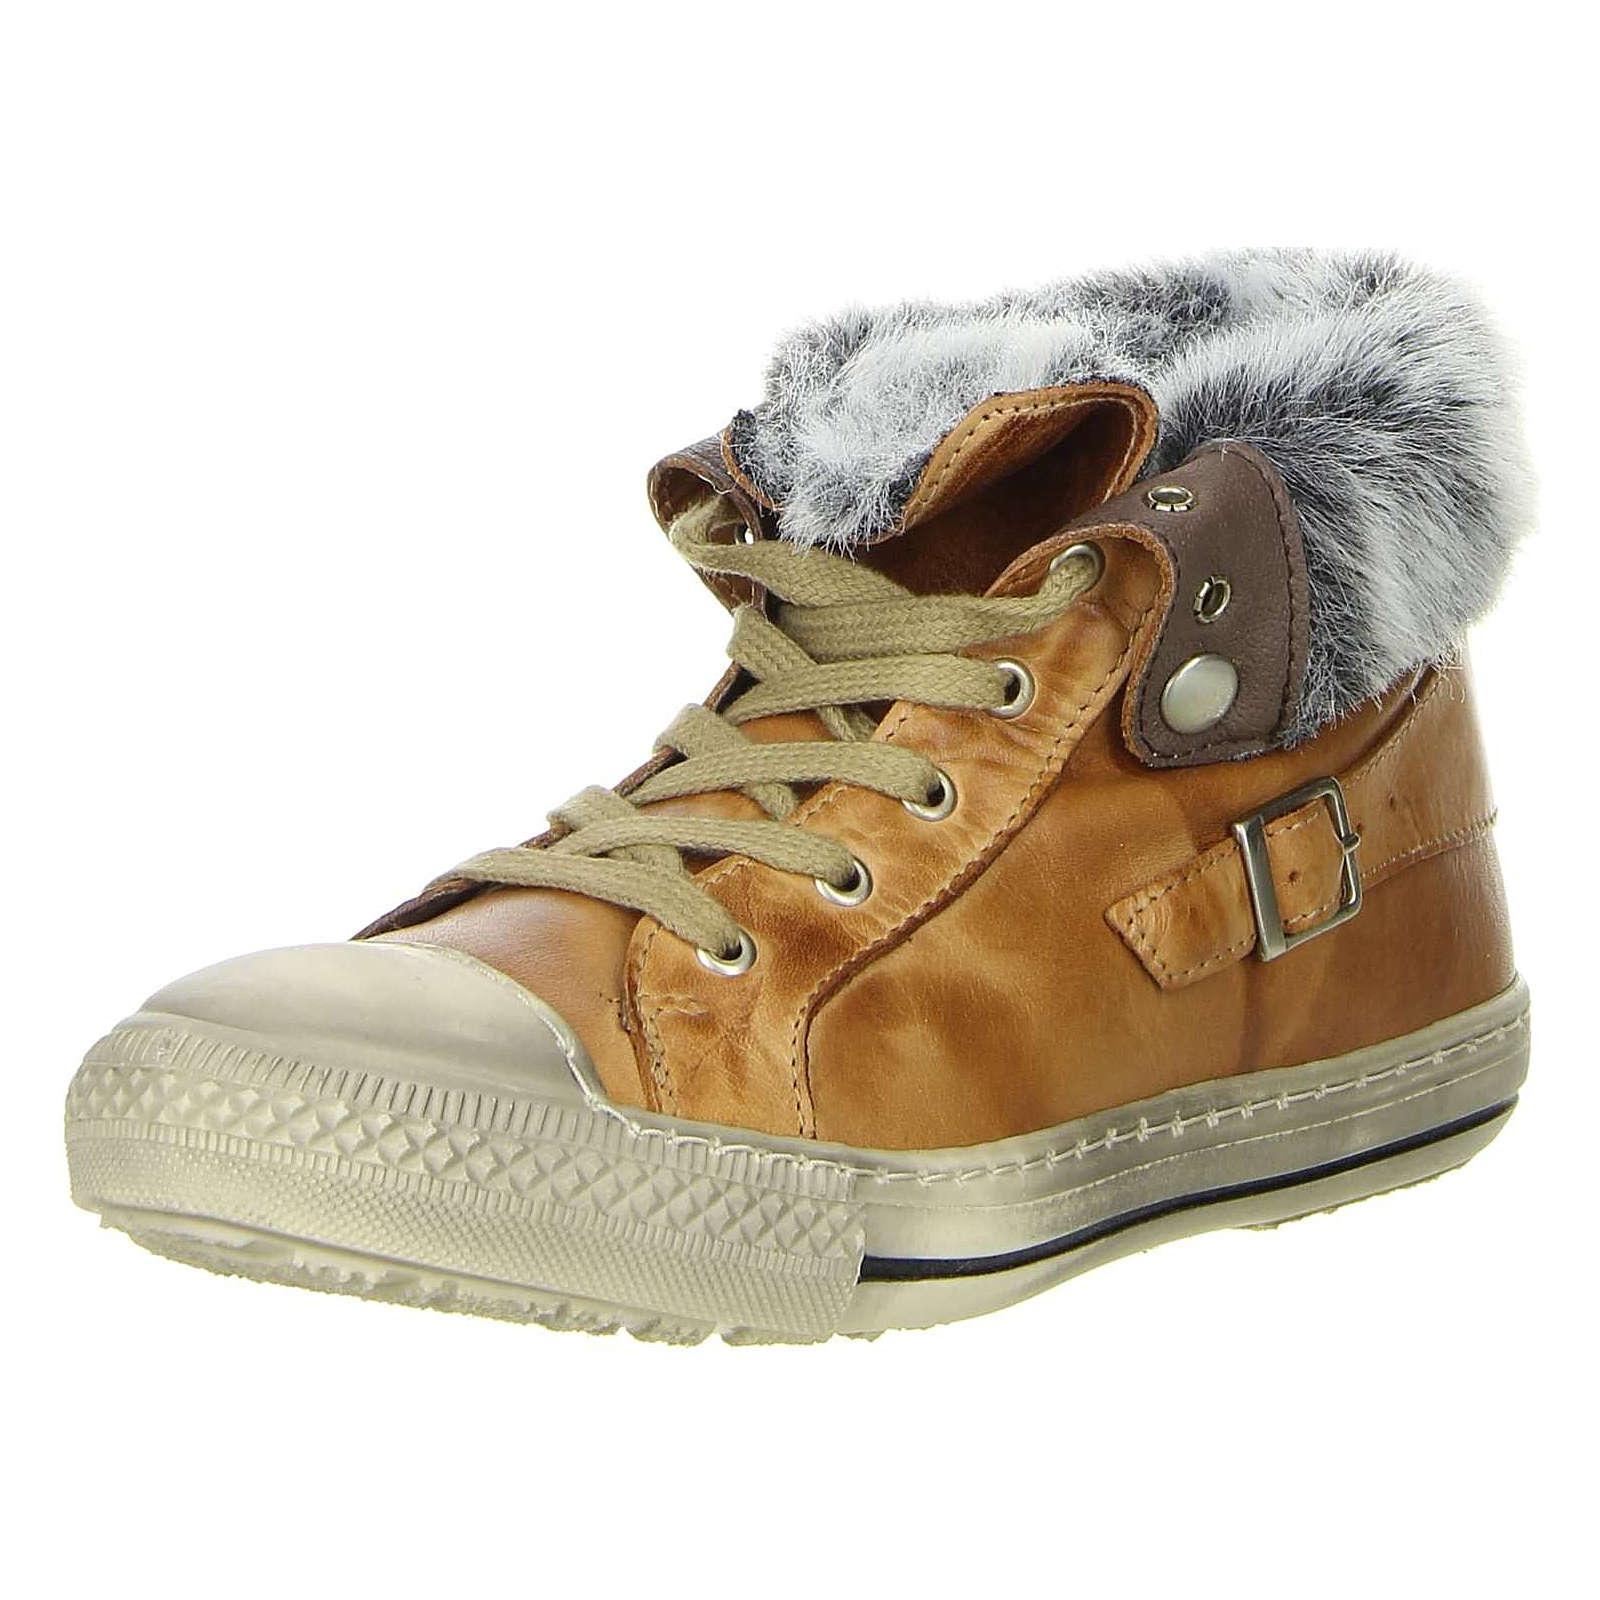 Vista Sneakers High braun Damen Gr. 37